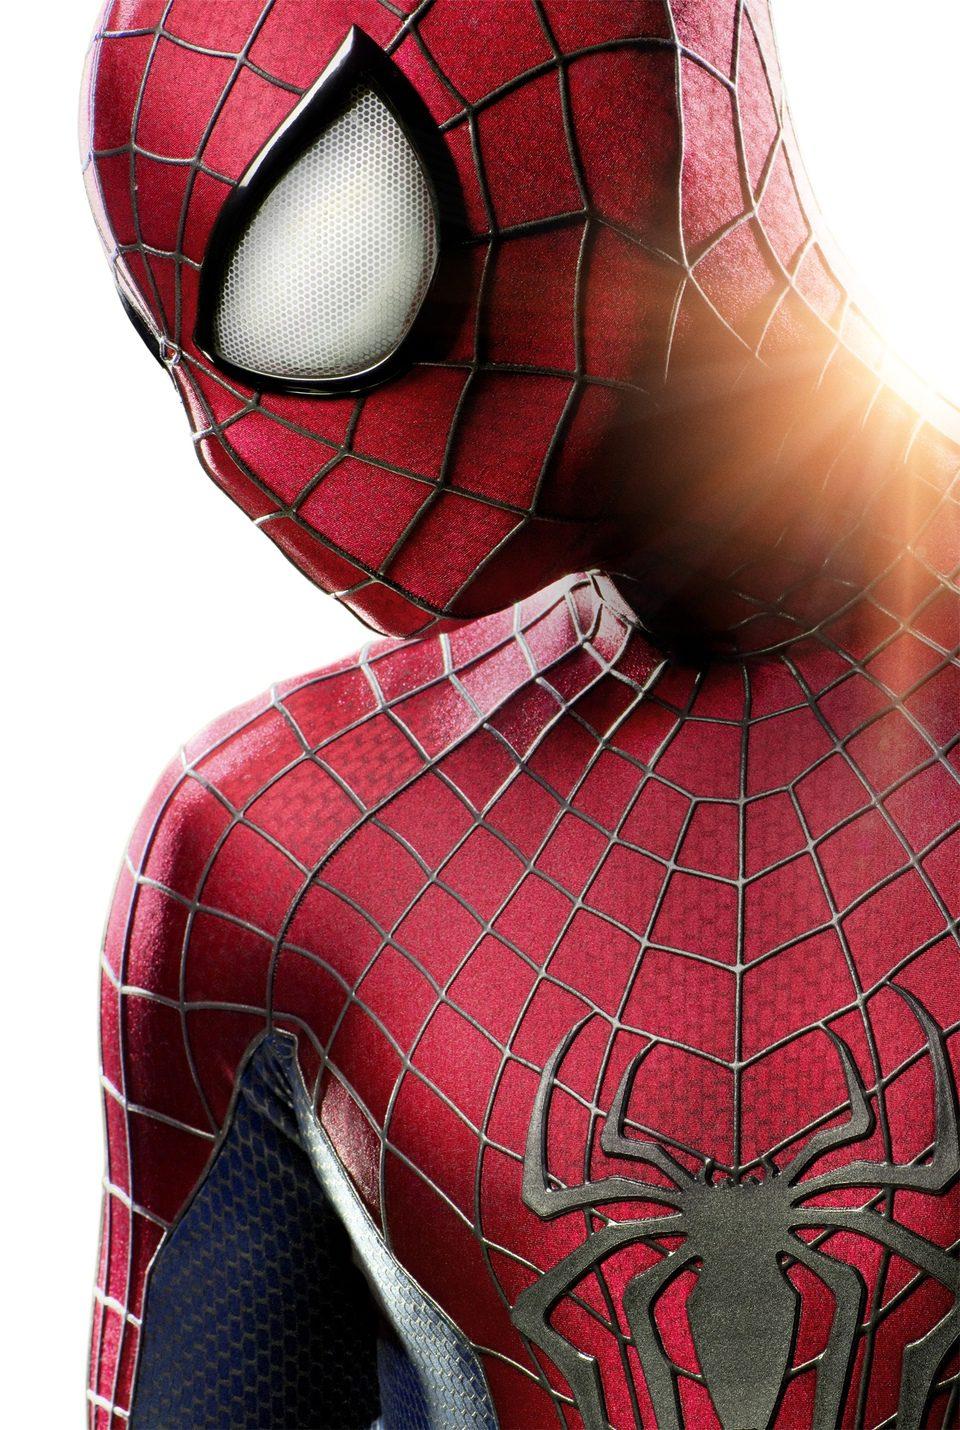 The Amazing Spider-Man 2: El poder de Electro, fotograma 1 de 28